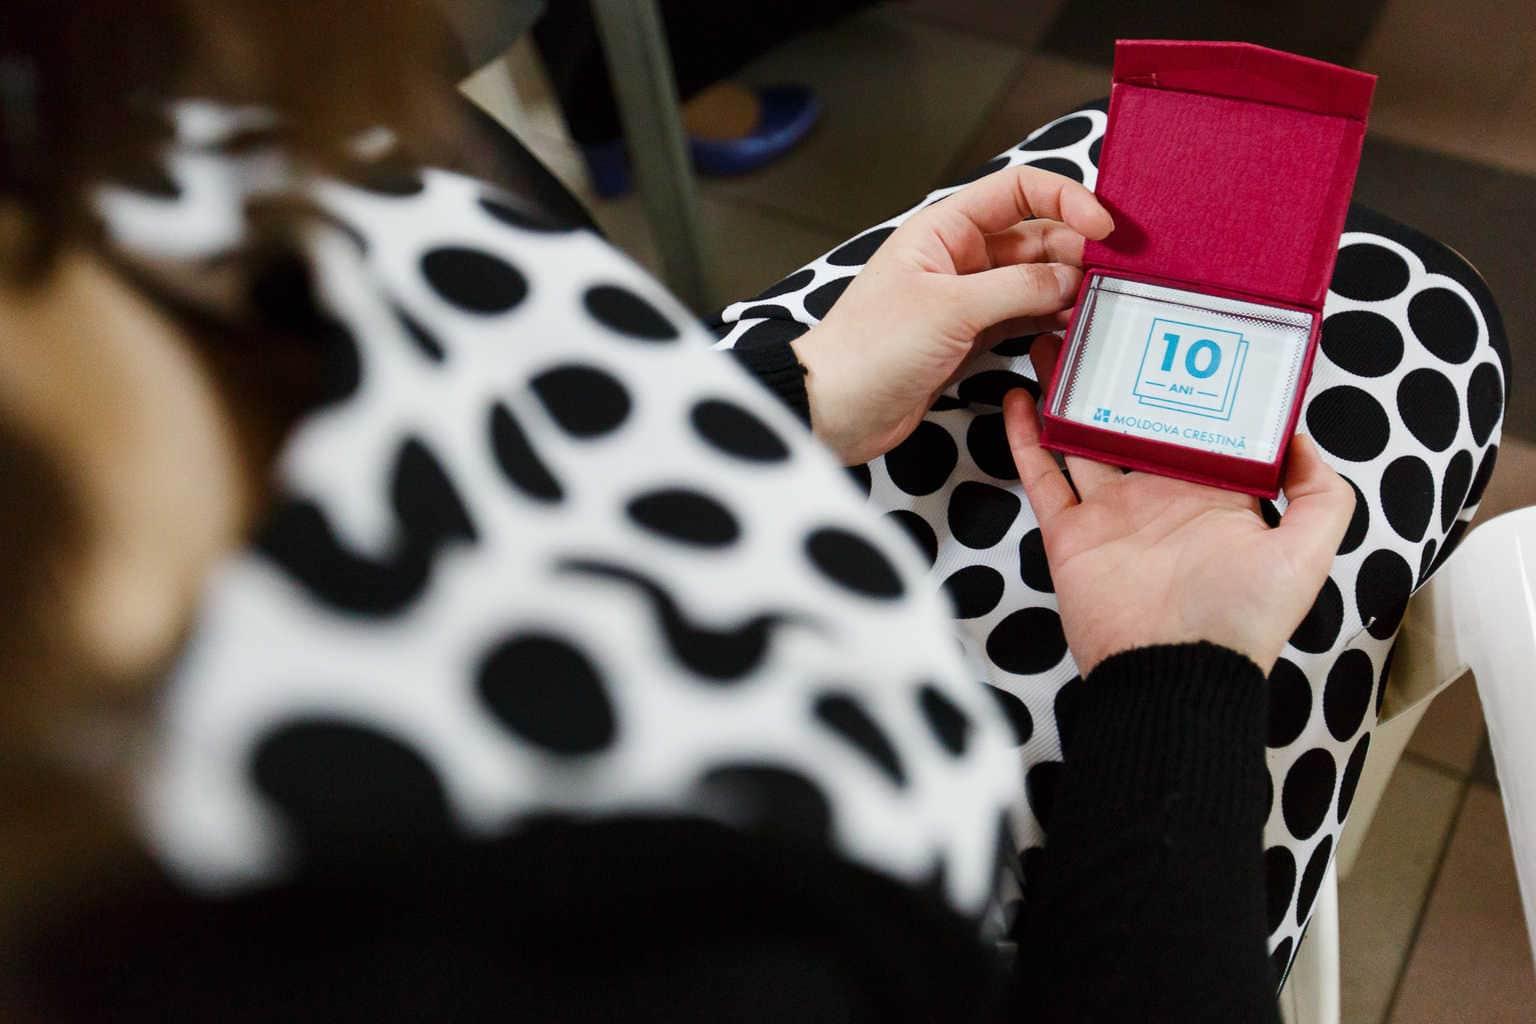 Cadou pentru jurnaliști Moldova Creștină 10 ani